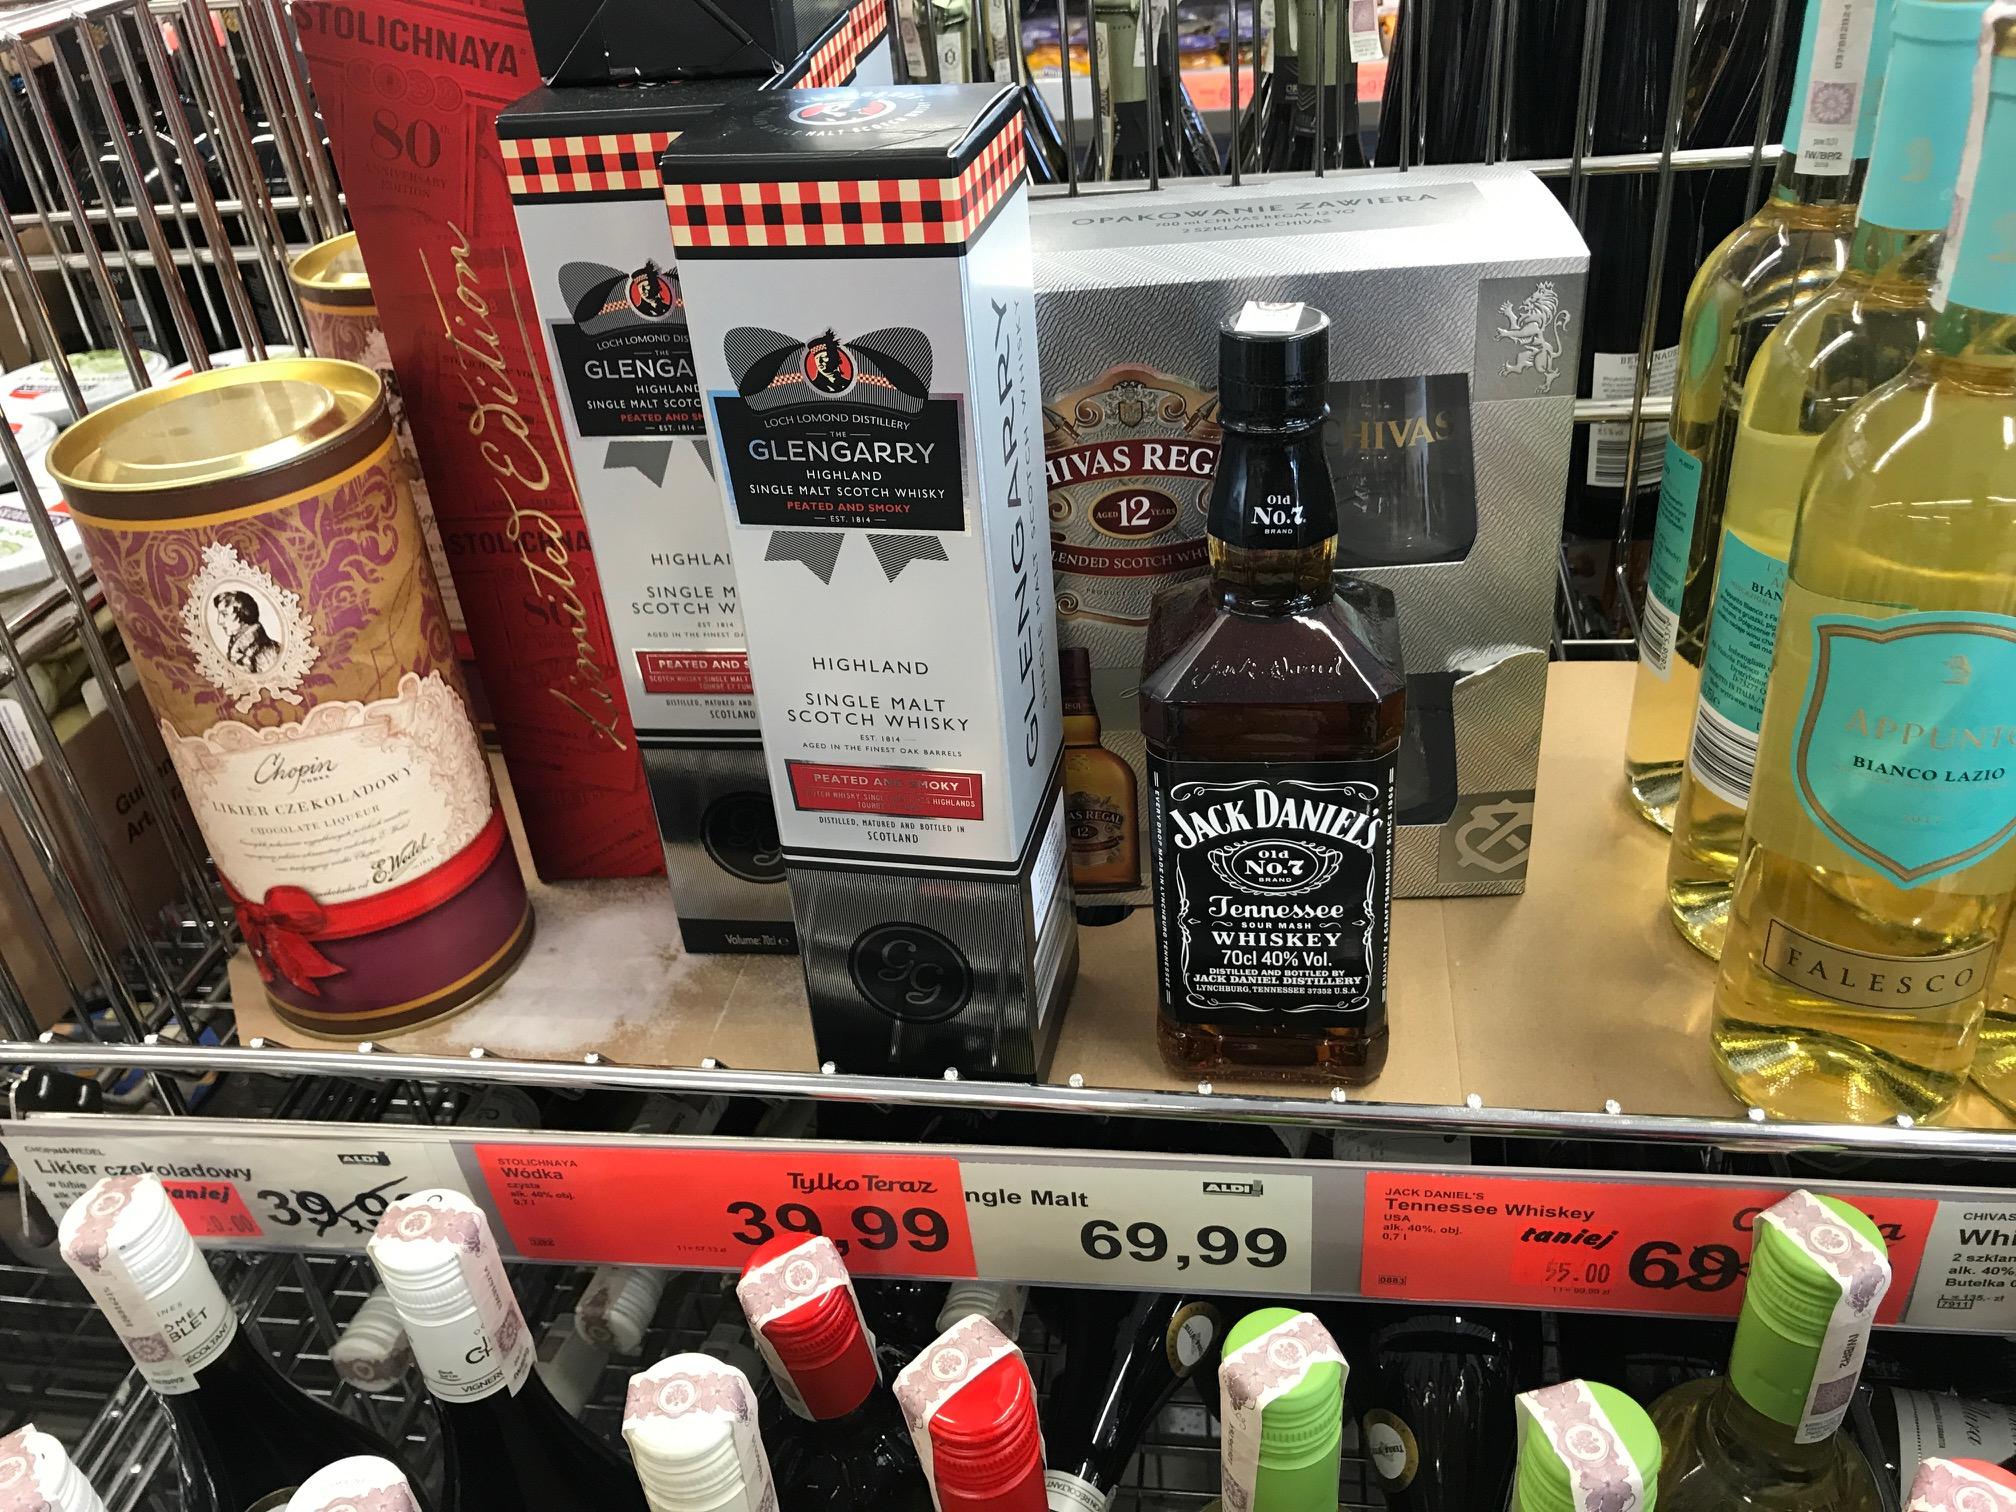 Aldi Jaworzno Jack Daniels 0,7l